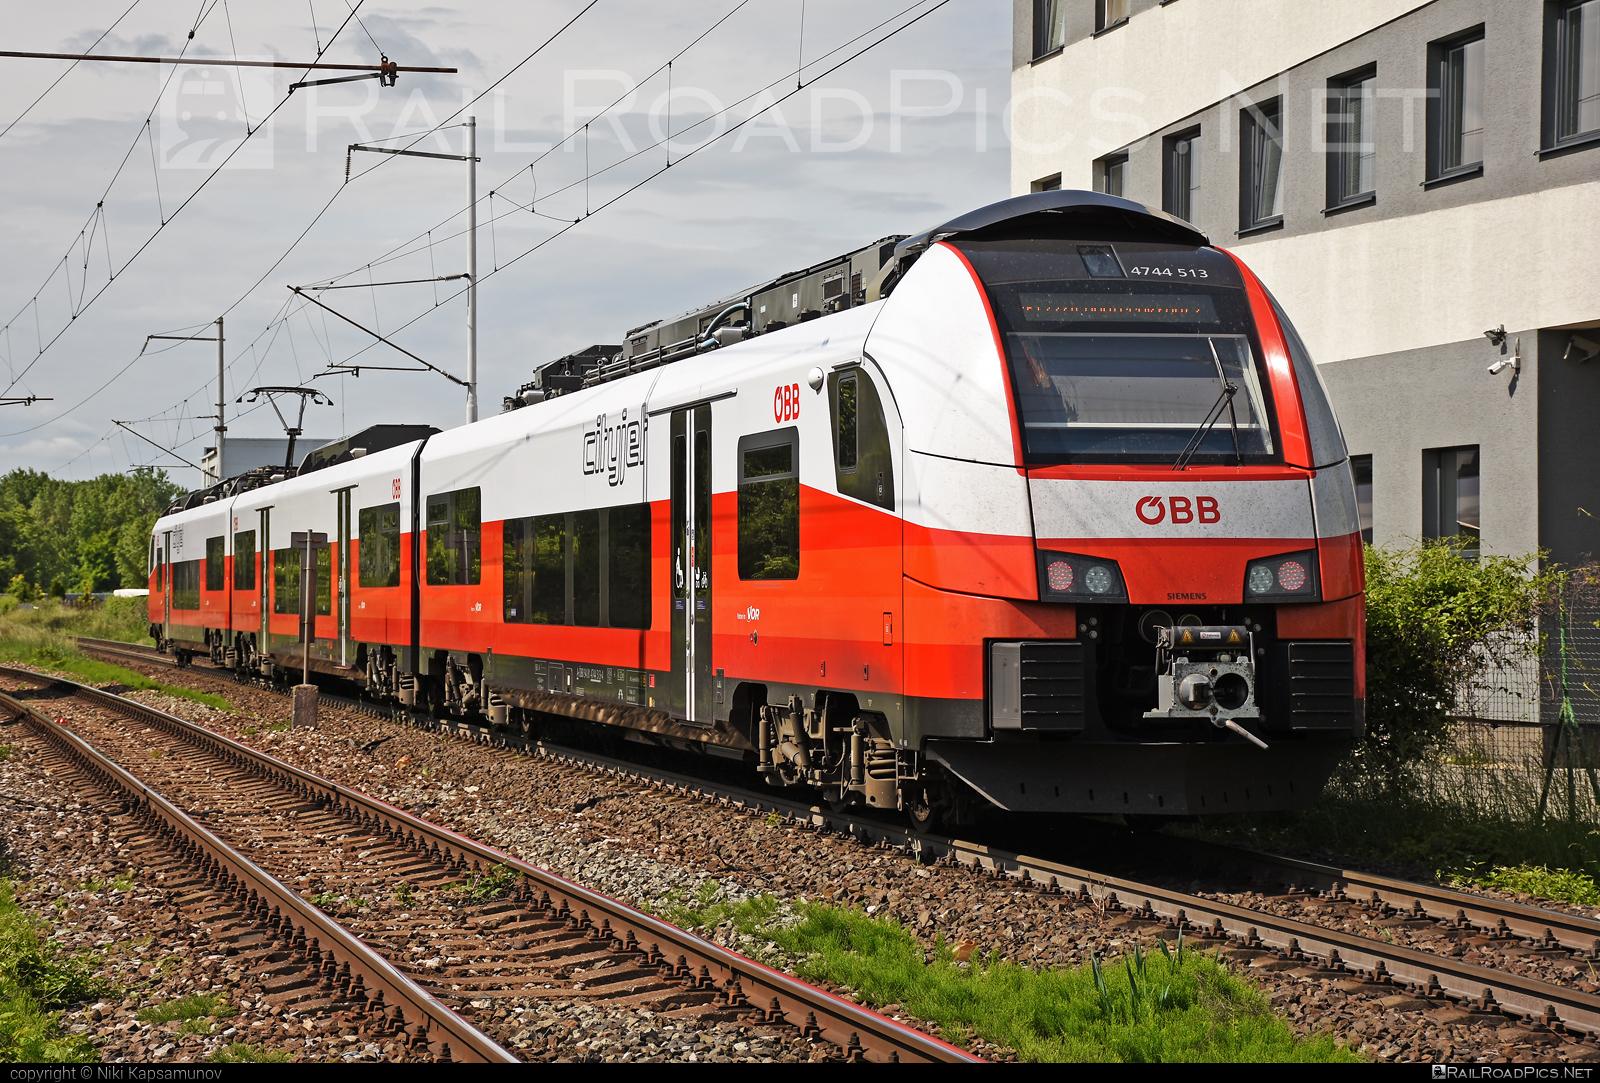 Siemens Desiro ML - 4744 513 operated by Österreichische Bundesbahnen #cityjet #desiro #desiroml #obb #obbcityjet #osterreichischebundesbahnen #siemens #siemensdesiro #siemensdesiroml